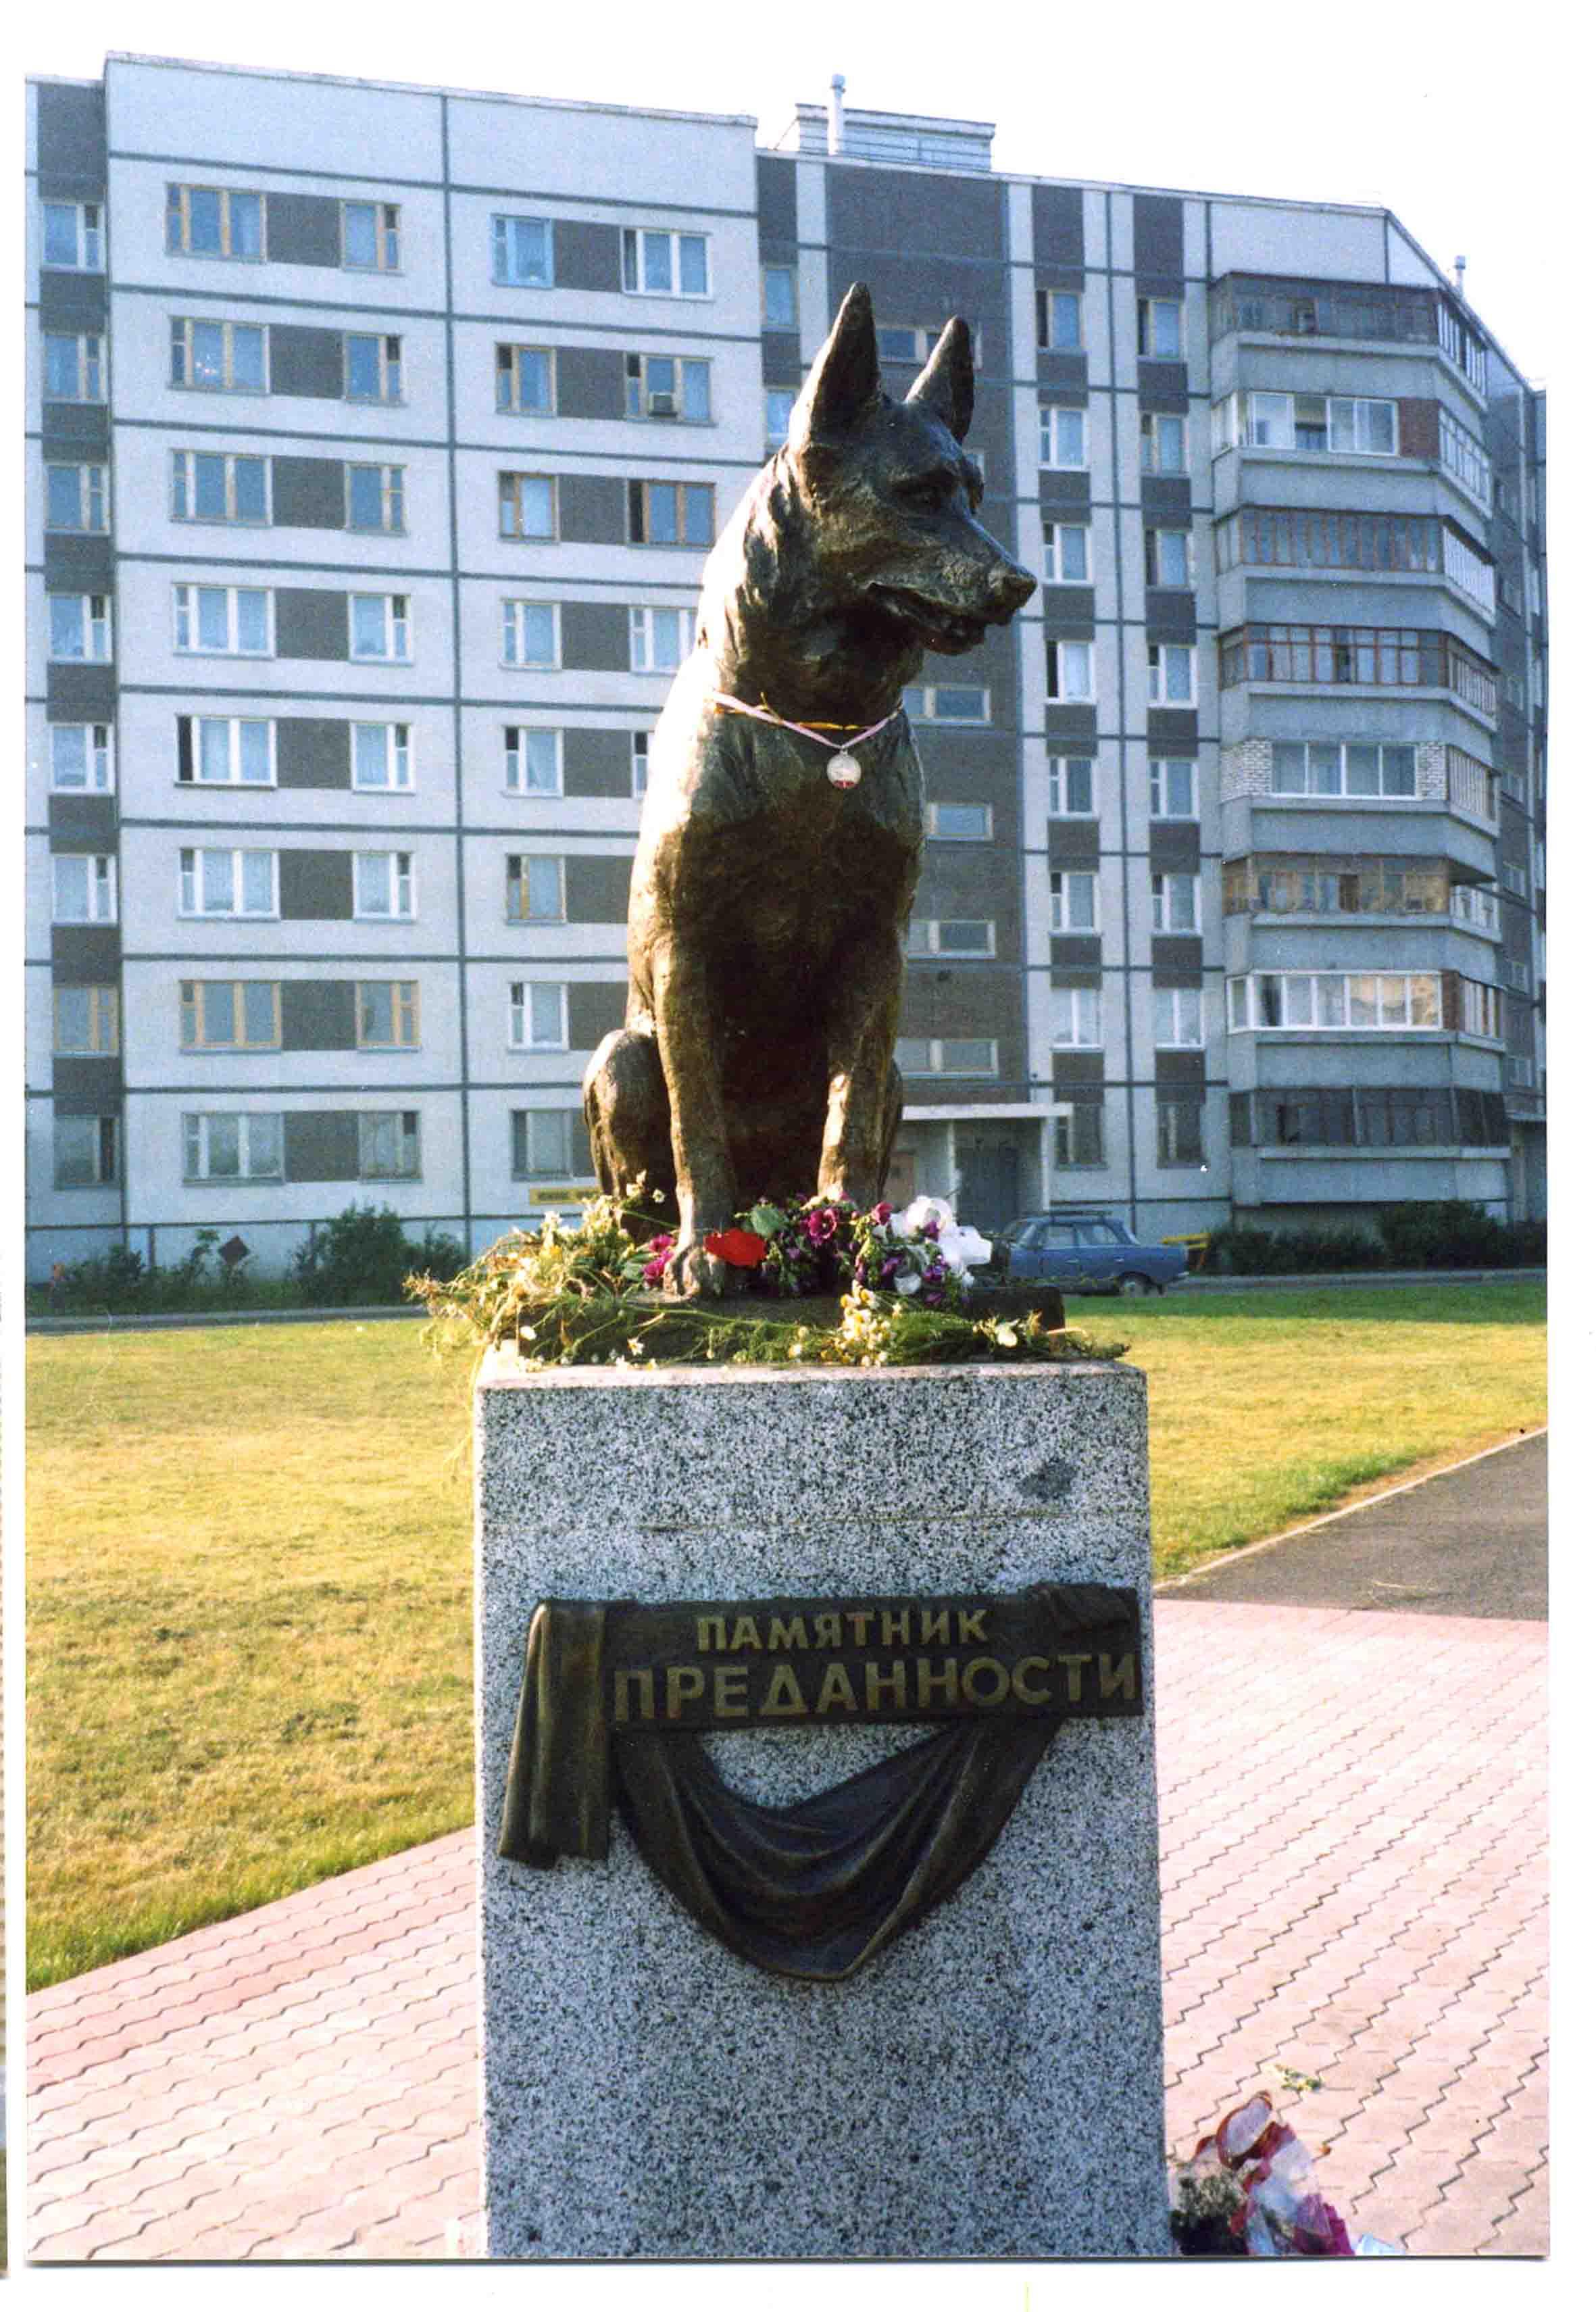 http://hes-tlt.narod.ru/pamyatnikpredannosti.jpg